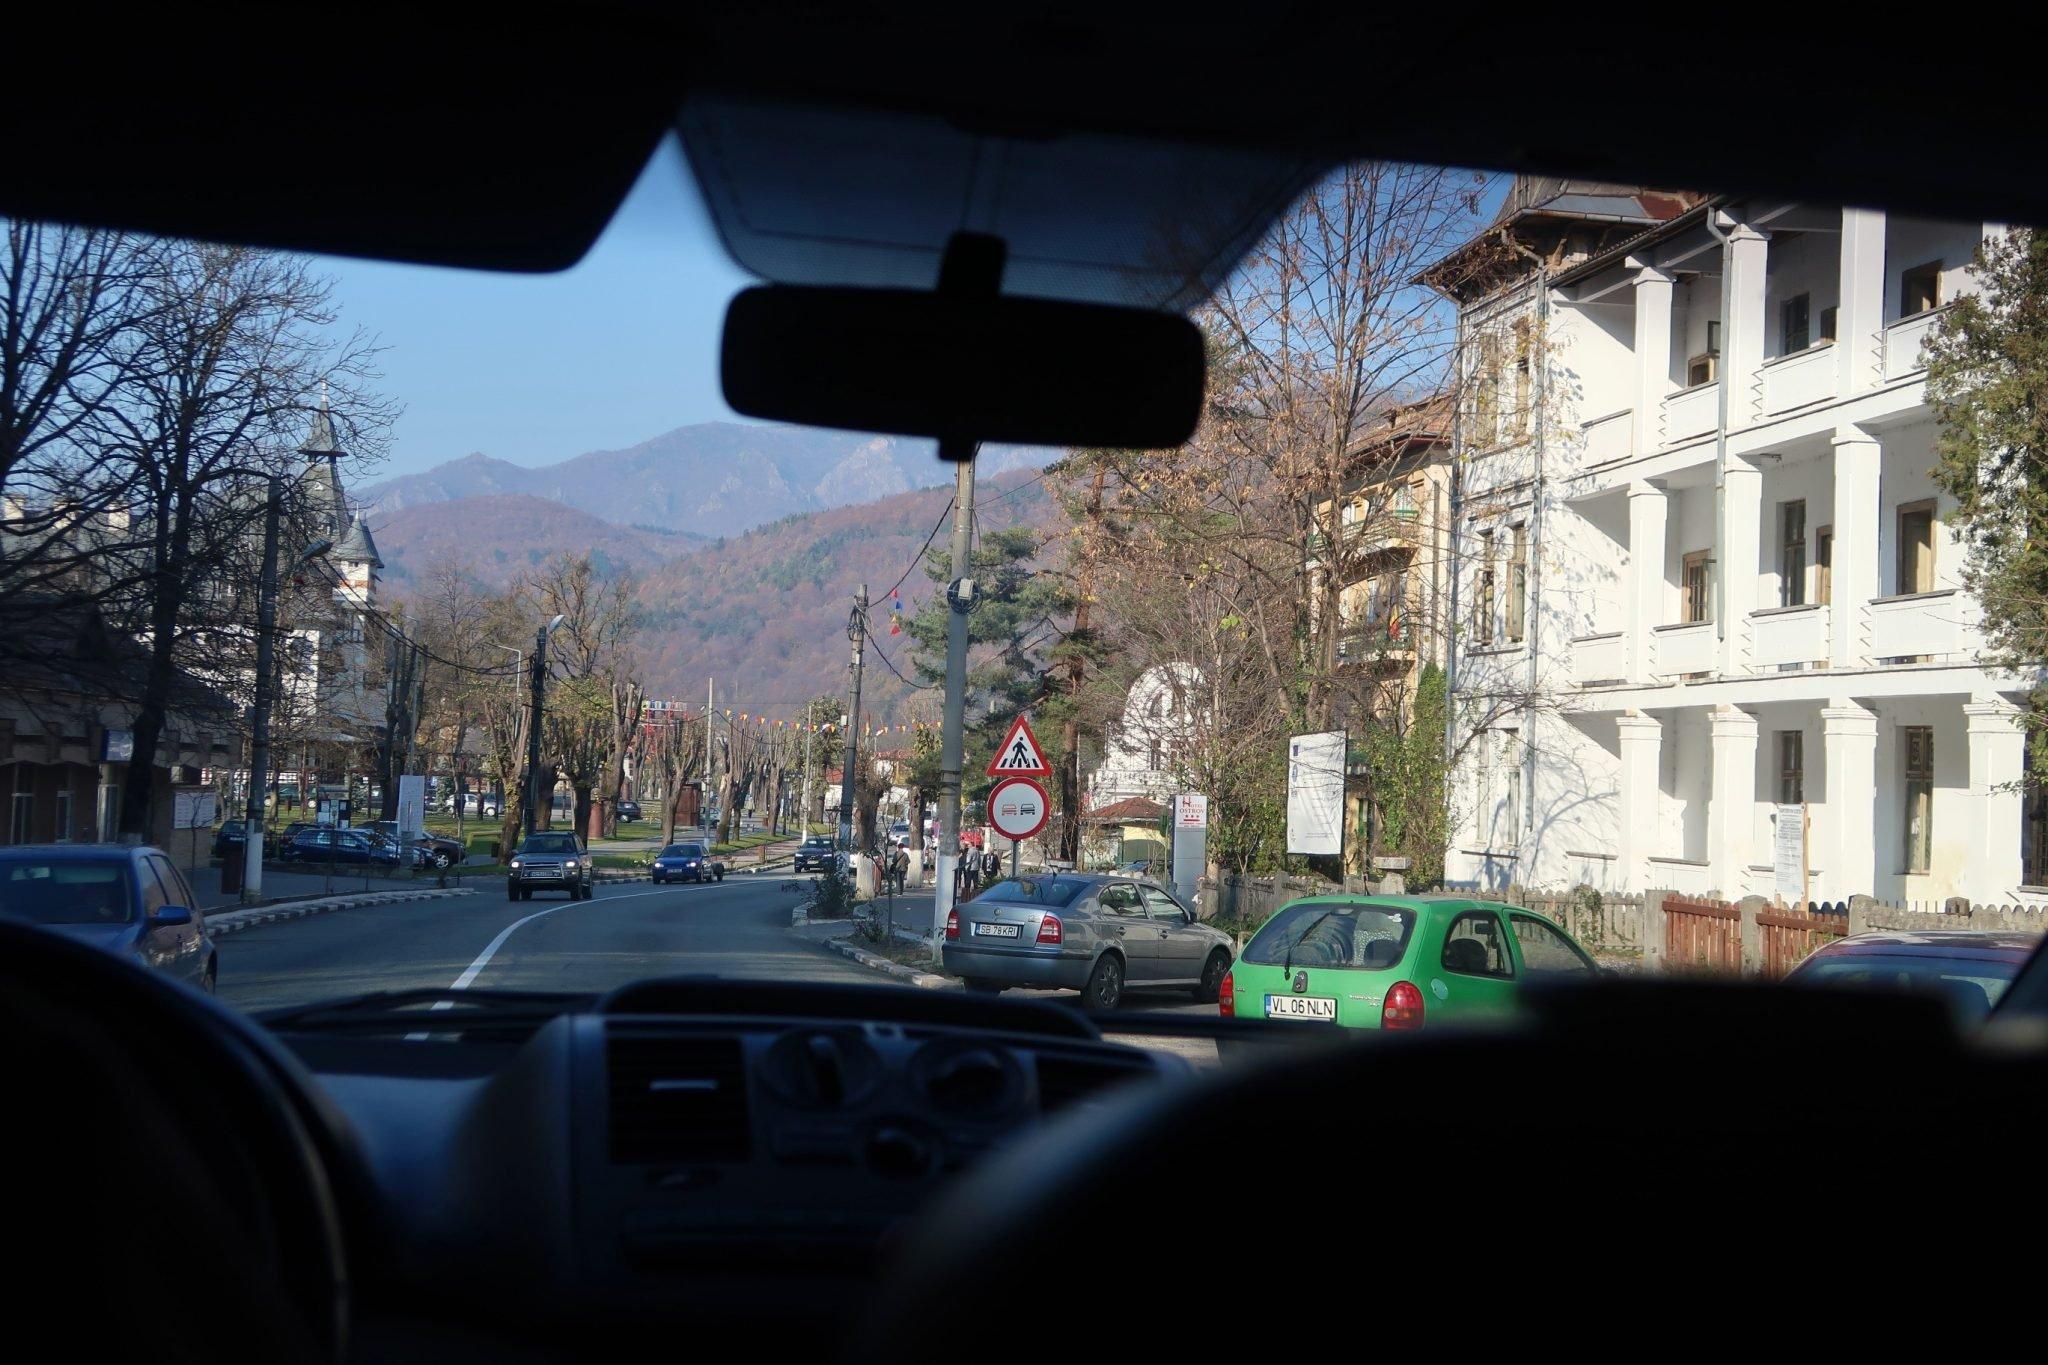 Romania vuoristoalue